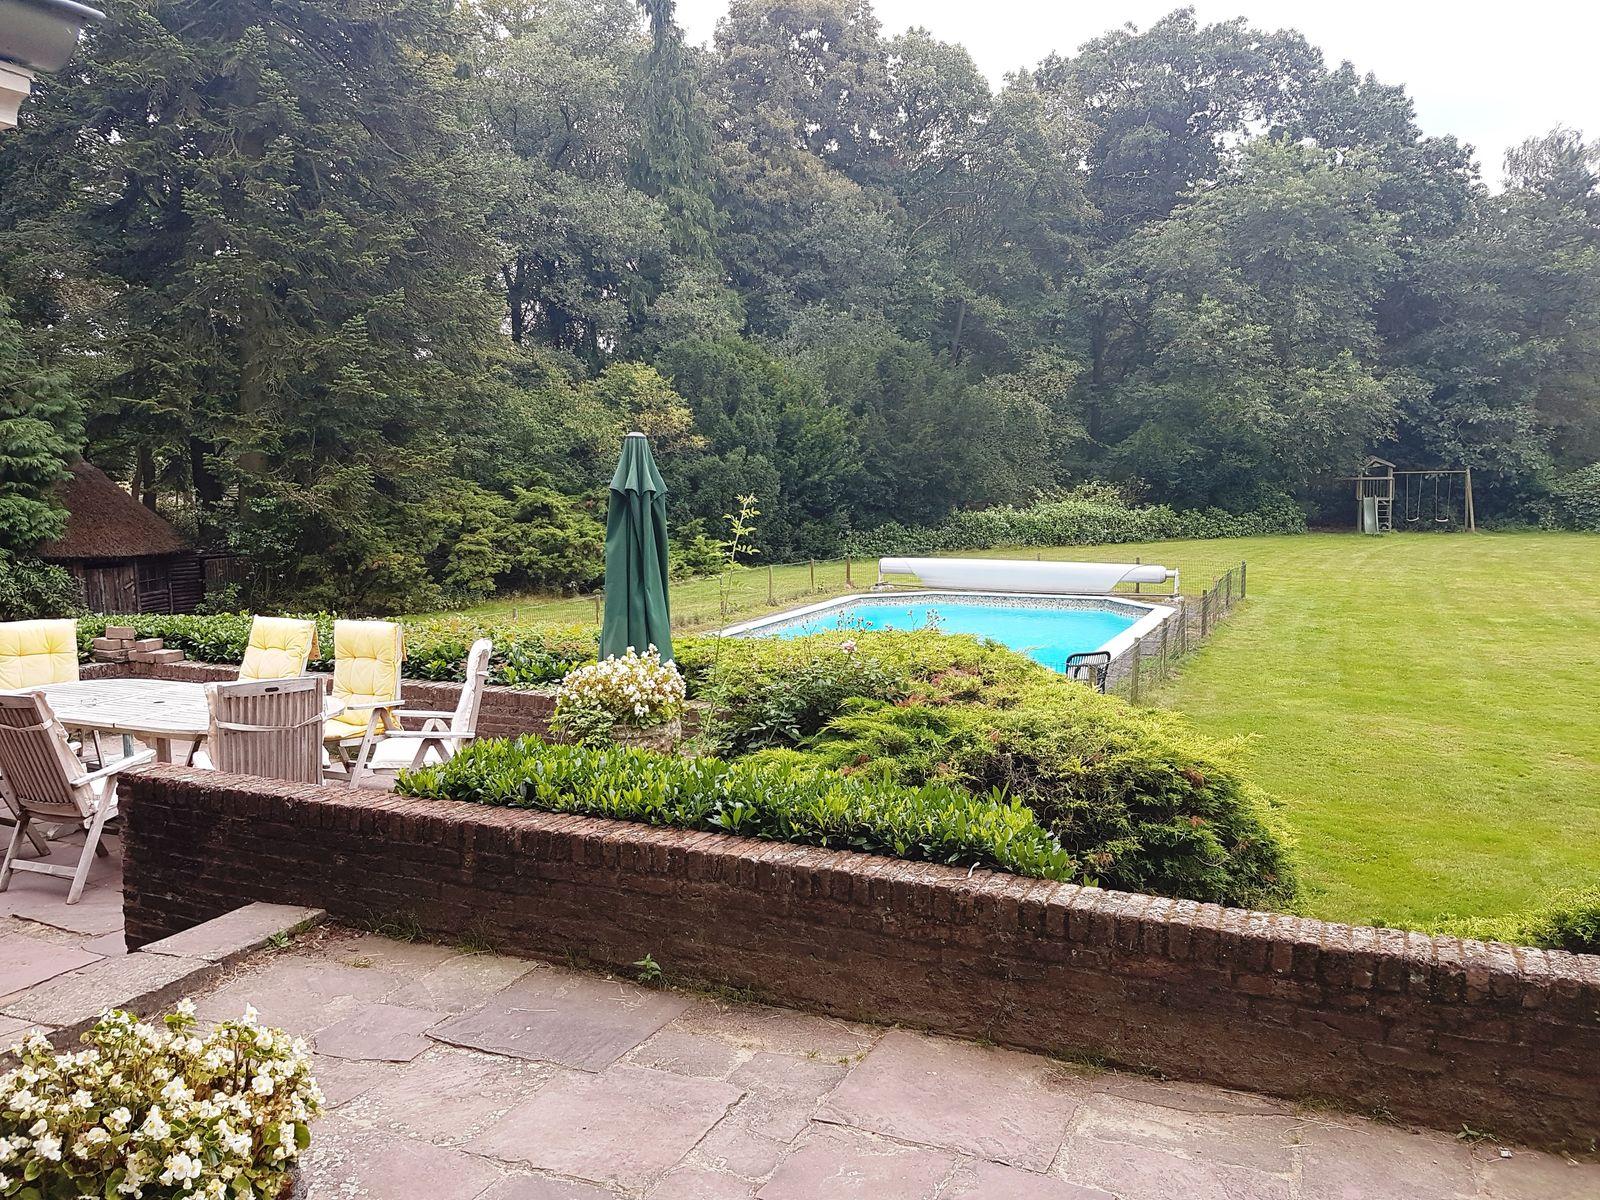 Afbeelding van Landhuis Buitenverblijf de Valk - vakantiehuis in Brabant met zwembad en tennisbaan